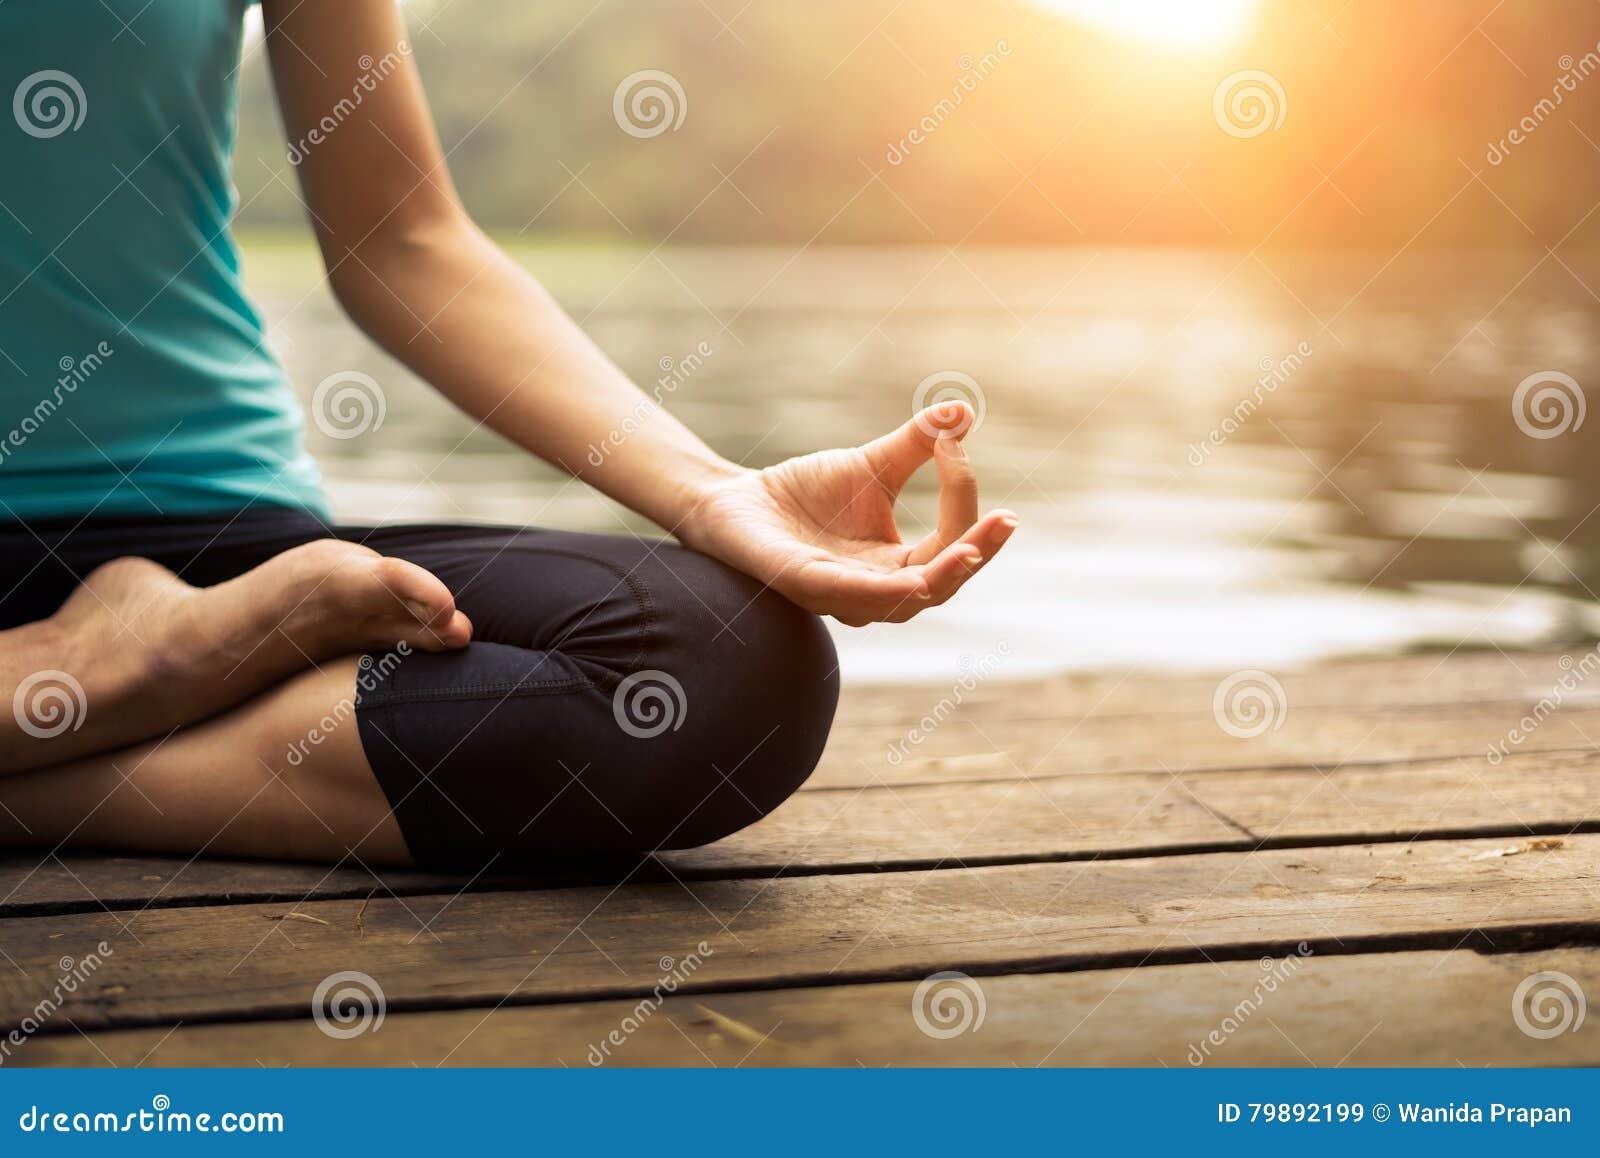 Zamknięty zamknięta ręka Kobieta robi yoda plenerowemu Kobieta ćwiczy joga przy natury tłem